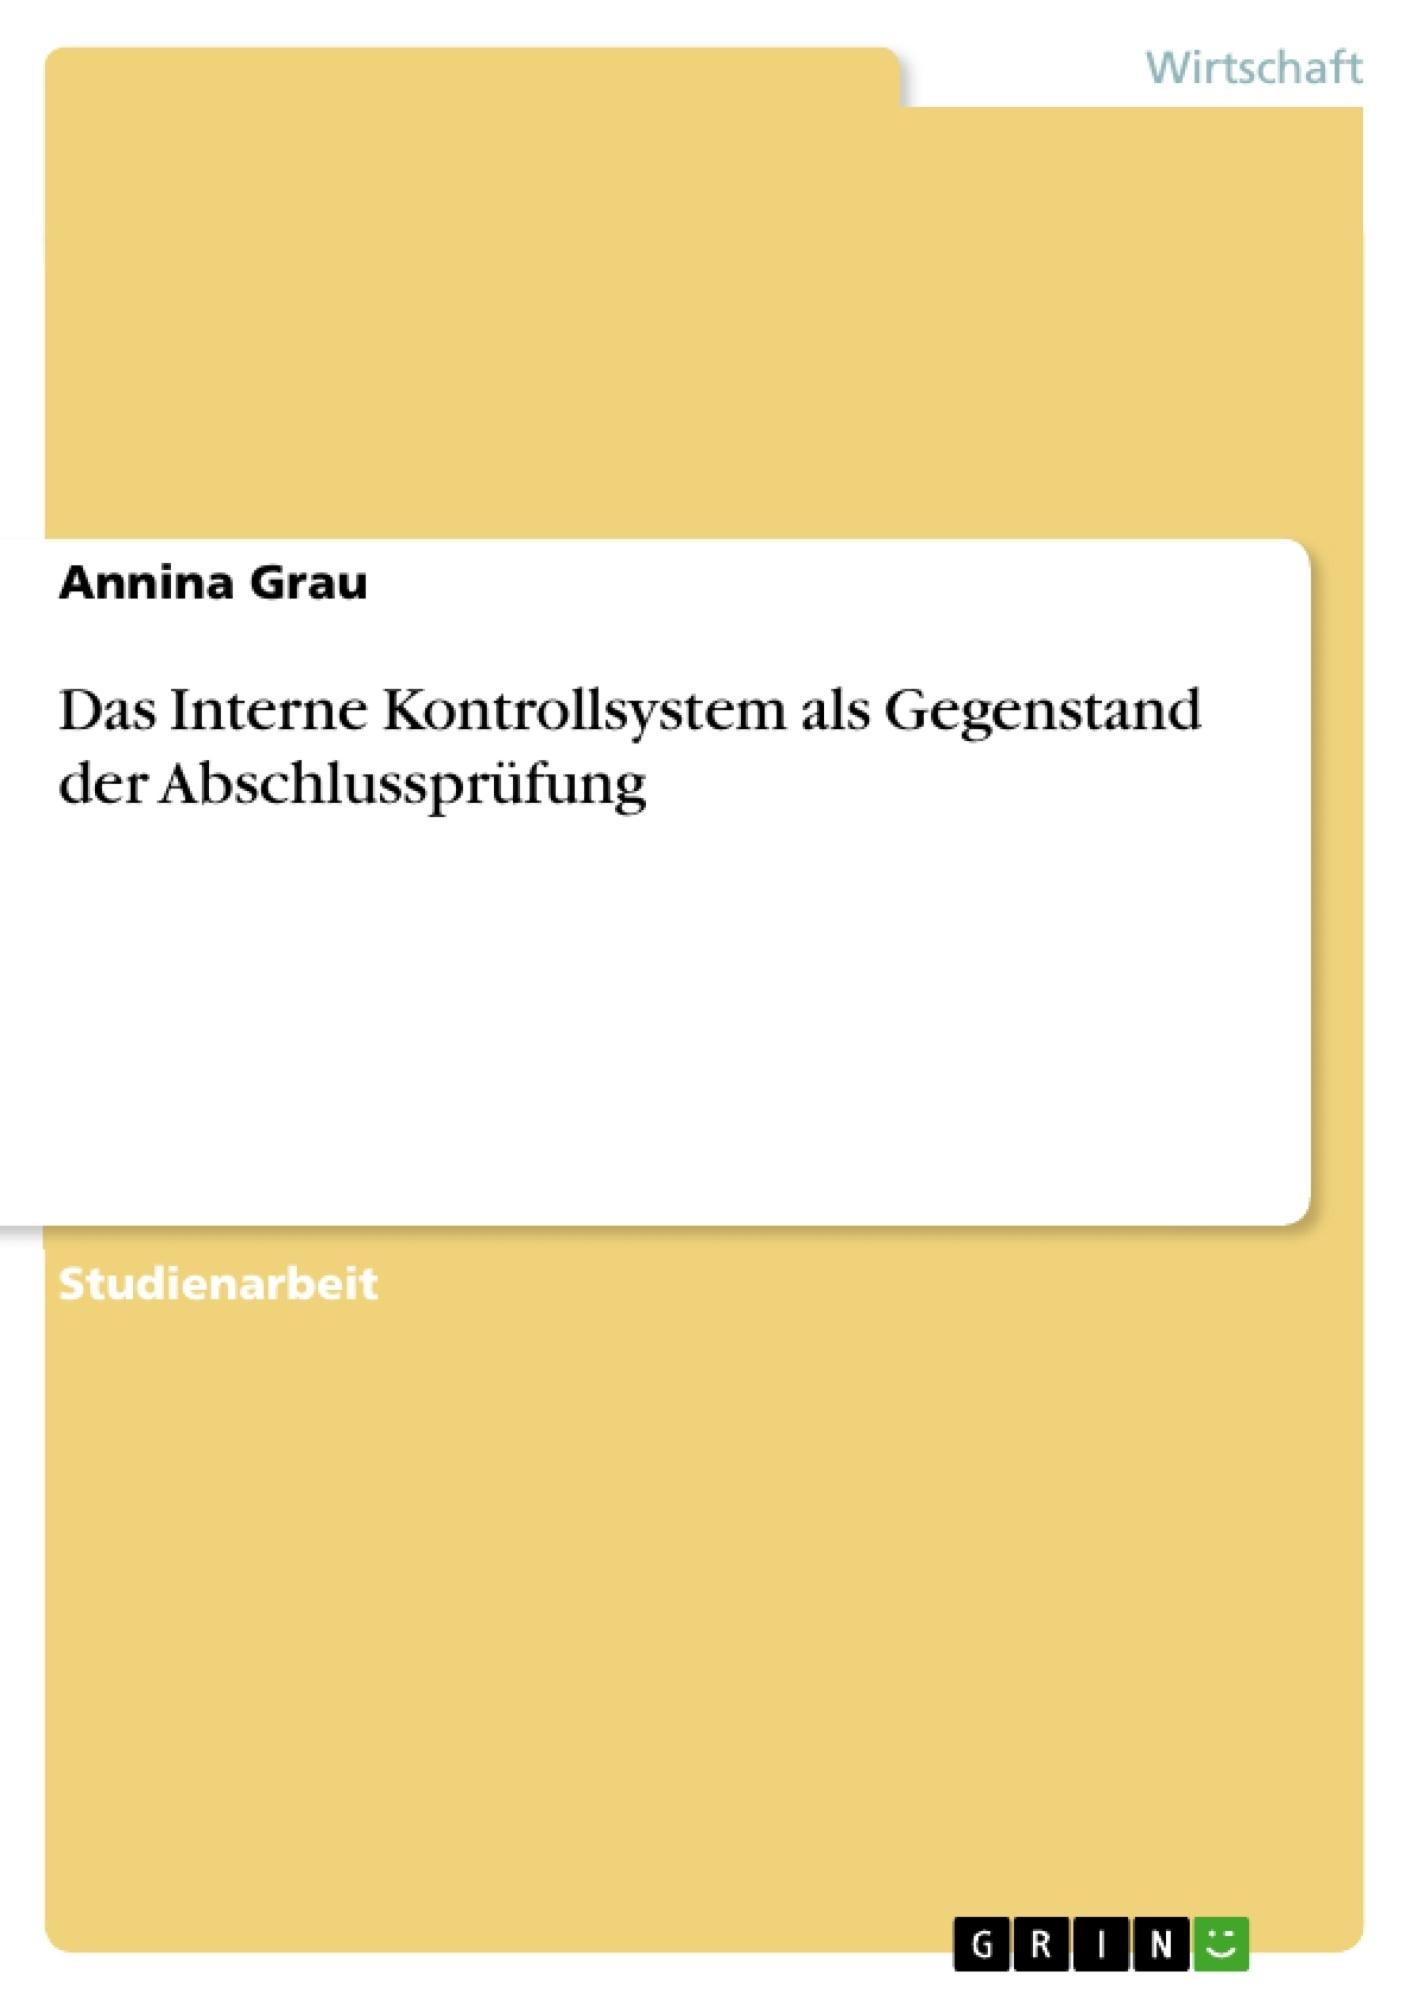 Titel: Das Interne Kontrollsystem als Gegenstand der Abschlussprüfung